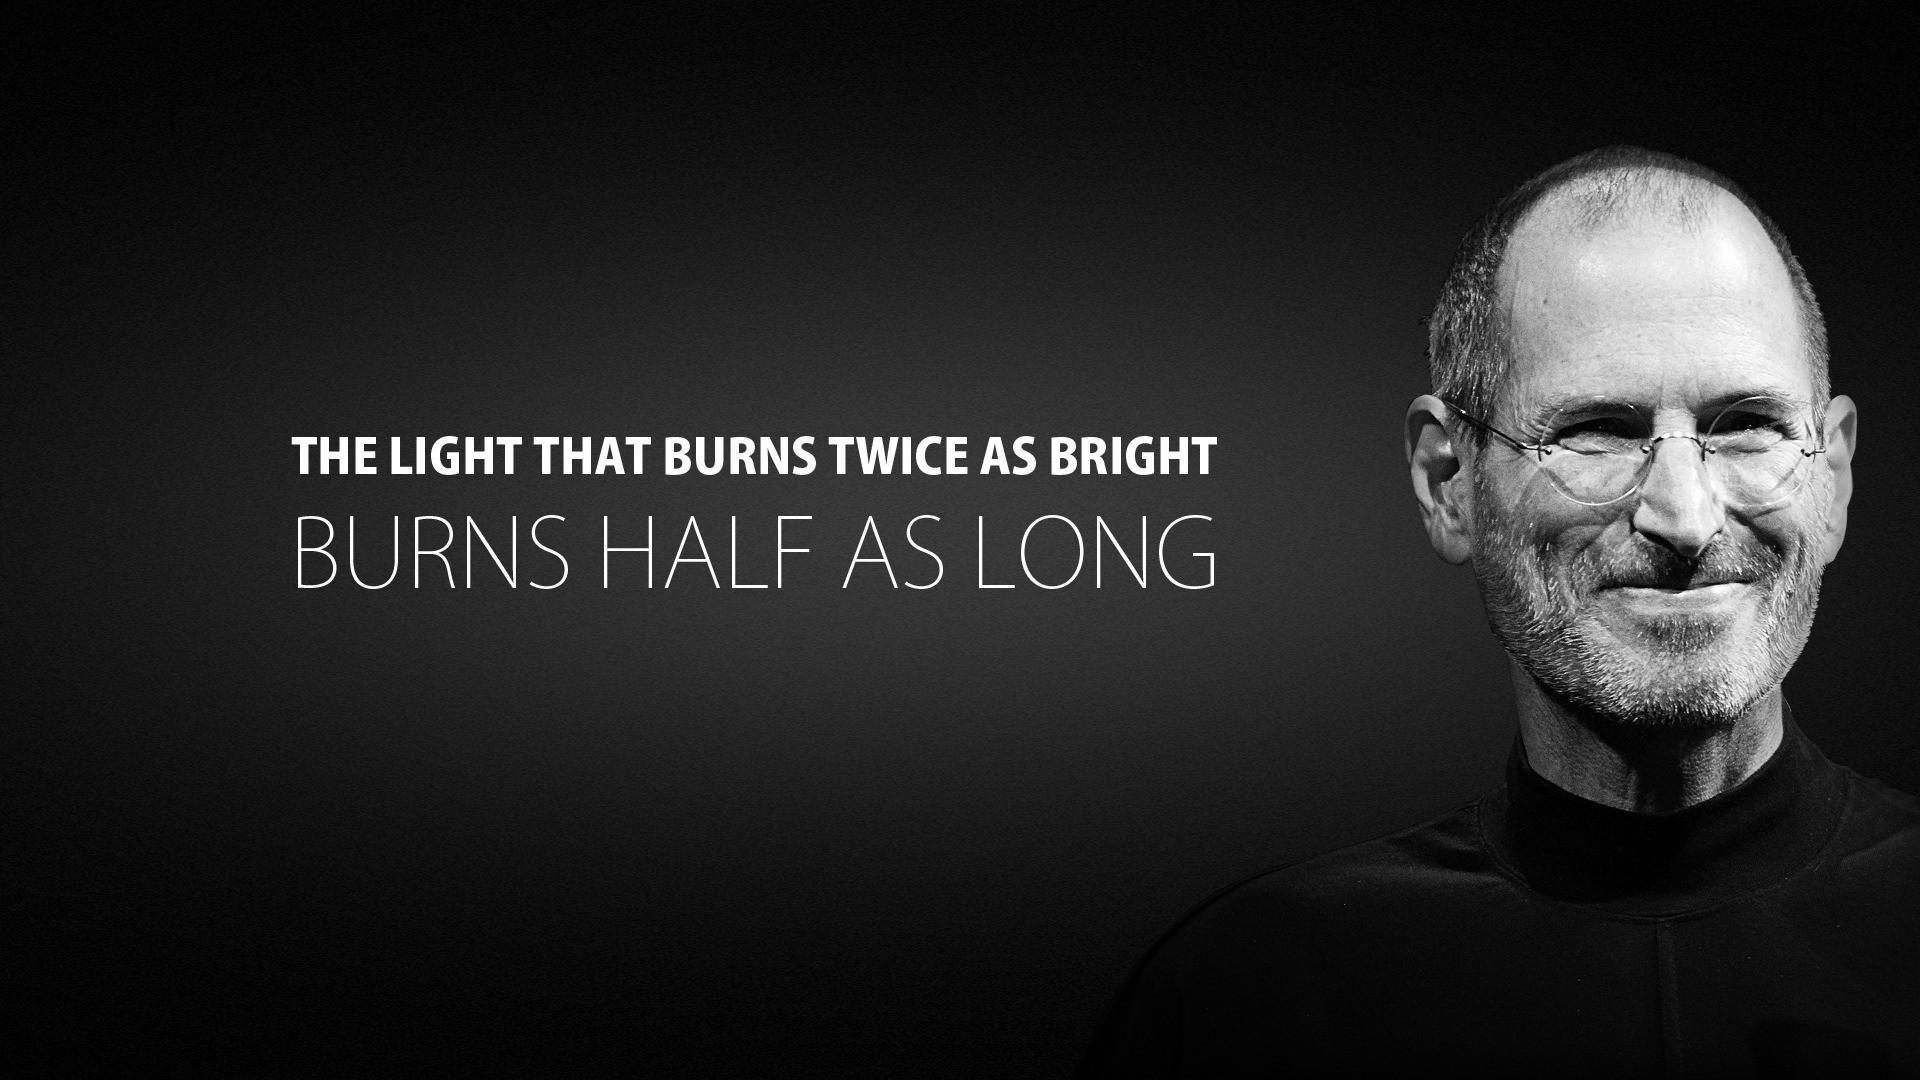 Steve Jobs Wallpaper (79+ Images